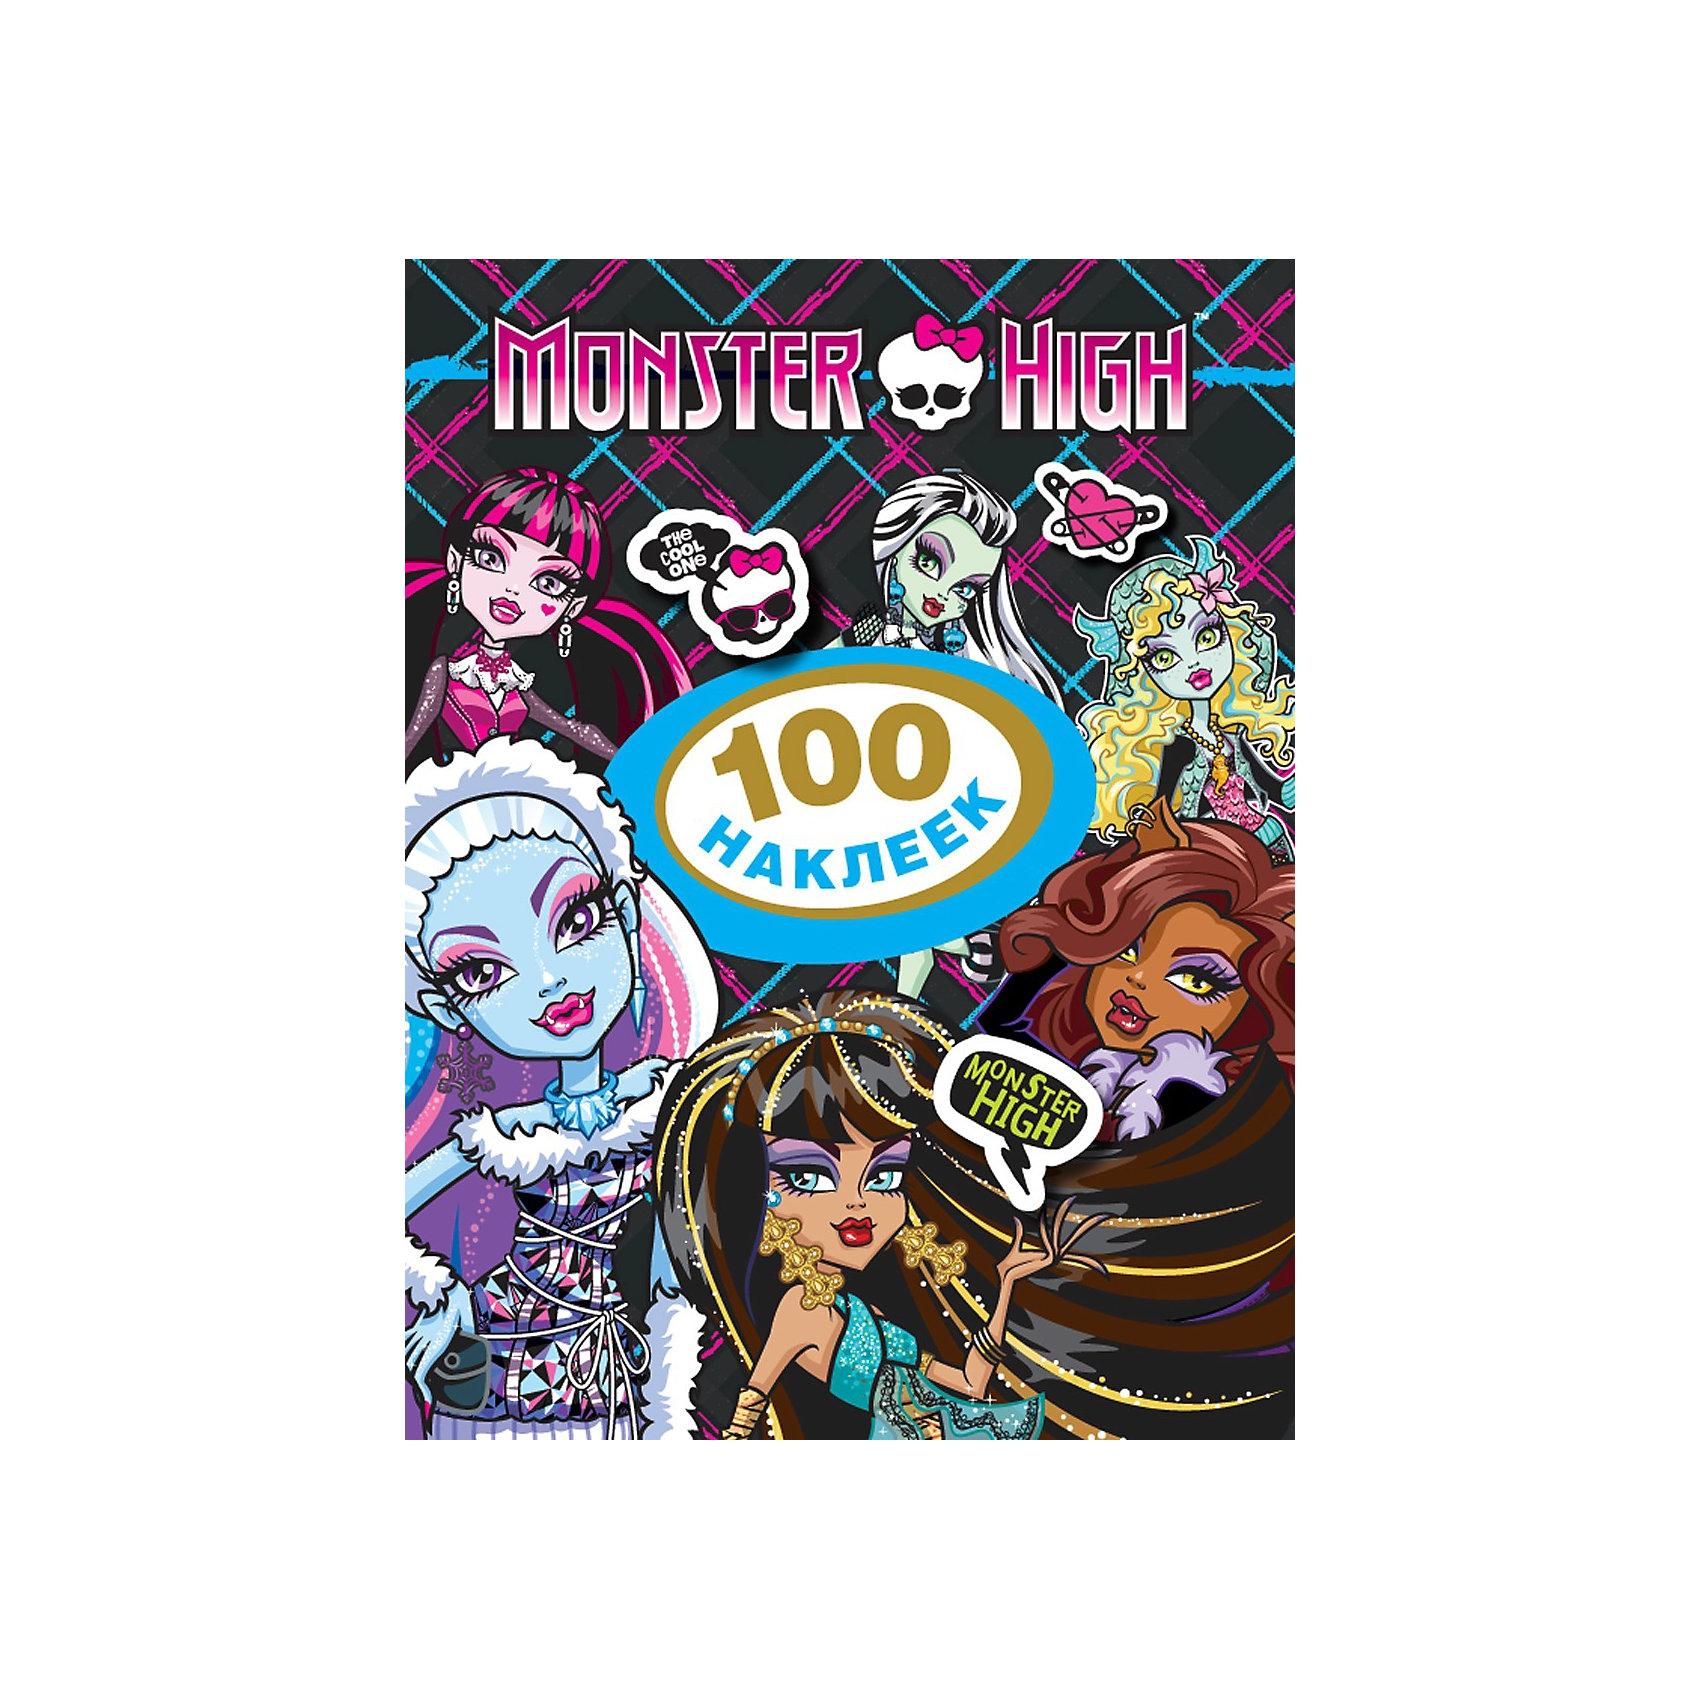 100 наклеек (Дракулаура), Monster HighМодные наряды, аксессуары, забавные вещички и любимые героини популярного мультипликационного сериала Monster High на страницах мини-альбомов наклеек. В одном альбомчике - целых 100 ярких наклеек! Укрась портретами персонажей комнату, тетради и игрушки! <br><br>Серия: 100 наклеек <br>Обложка: Мягкая <br>Формат: 150х2х200 <br>Объем: 8стр.<br><br>Ширина мм: 150<br>Глубина мм: 2<br>Высота мм: 200<br>Вес г: 30<br>Возраст от месяцев: 60<br>Возраст до месяцев: 144<br>Пол: Женский<br>Возраст: Детский<br>SKU: 3375171